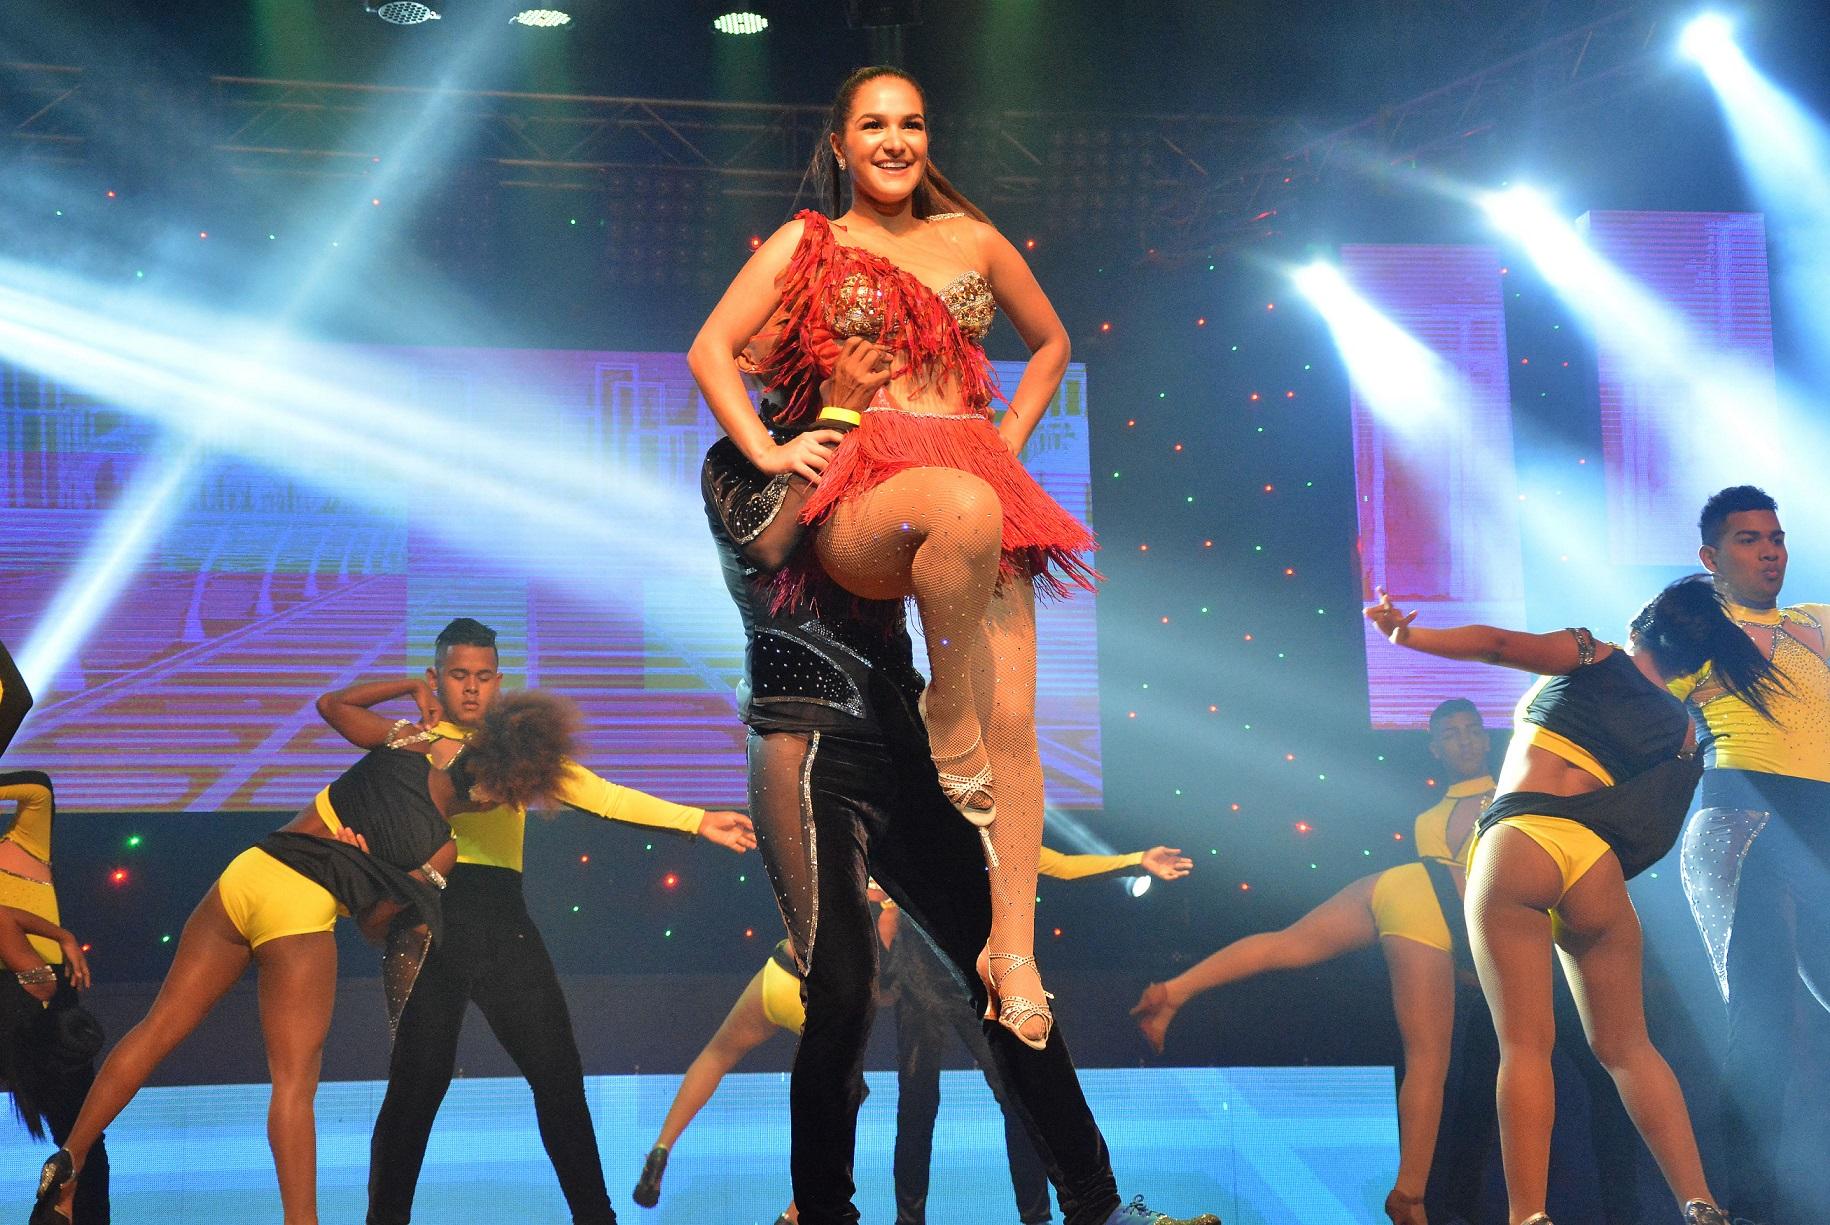 La Reina Valeria durante el espectáculo.